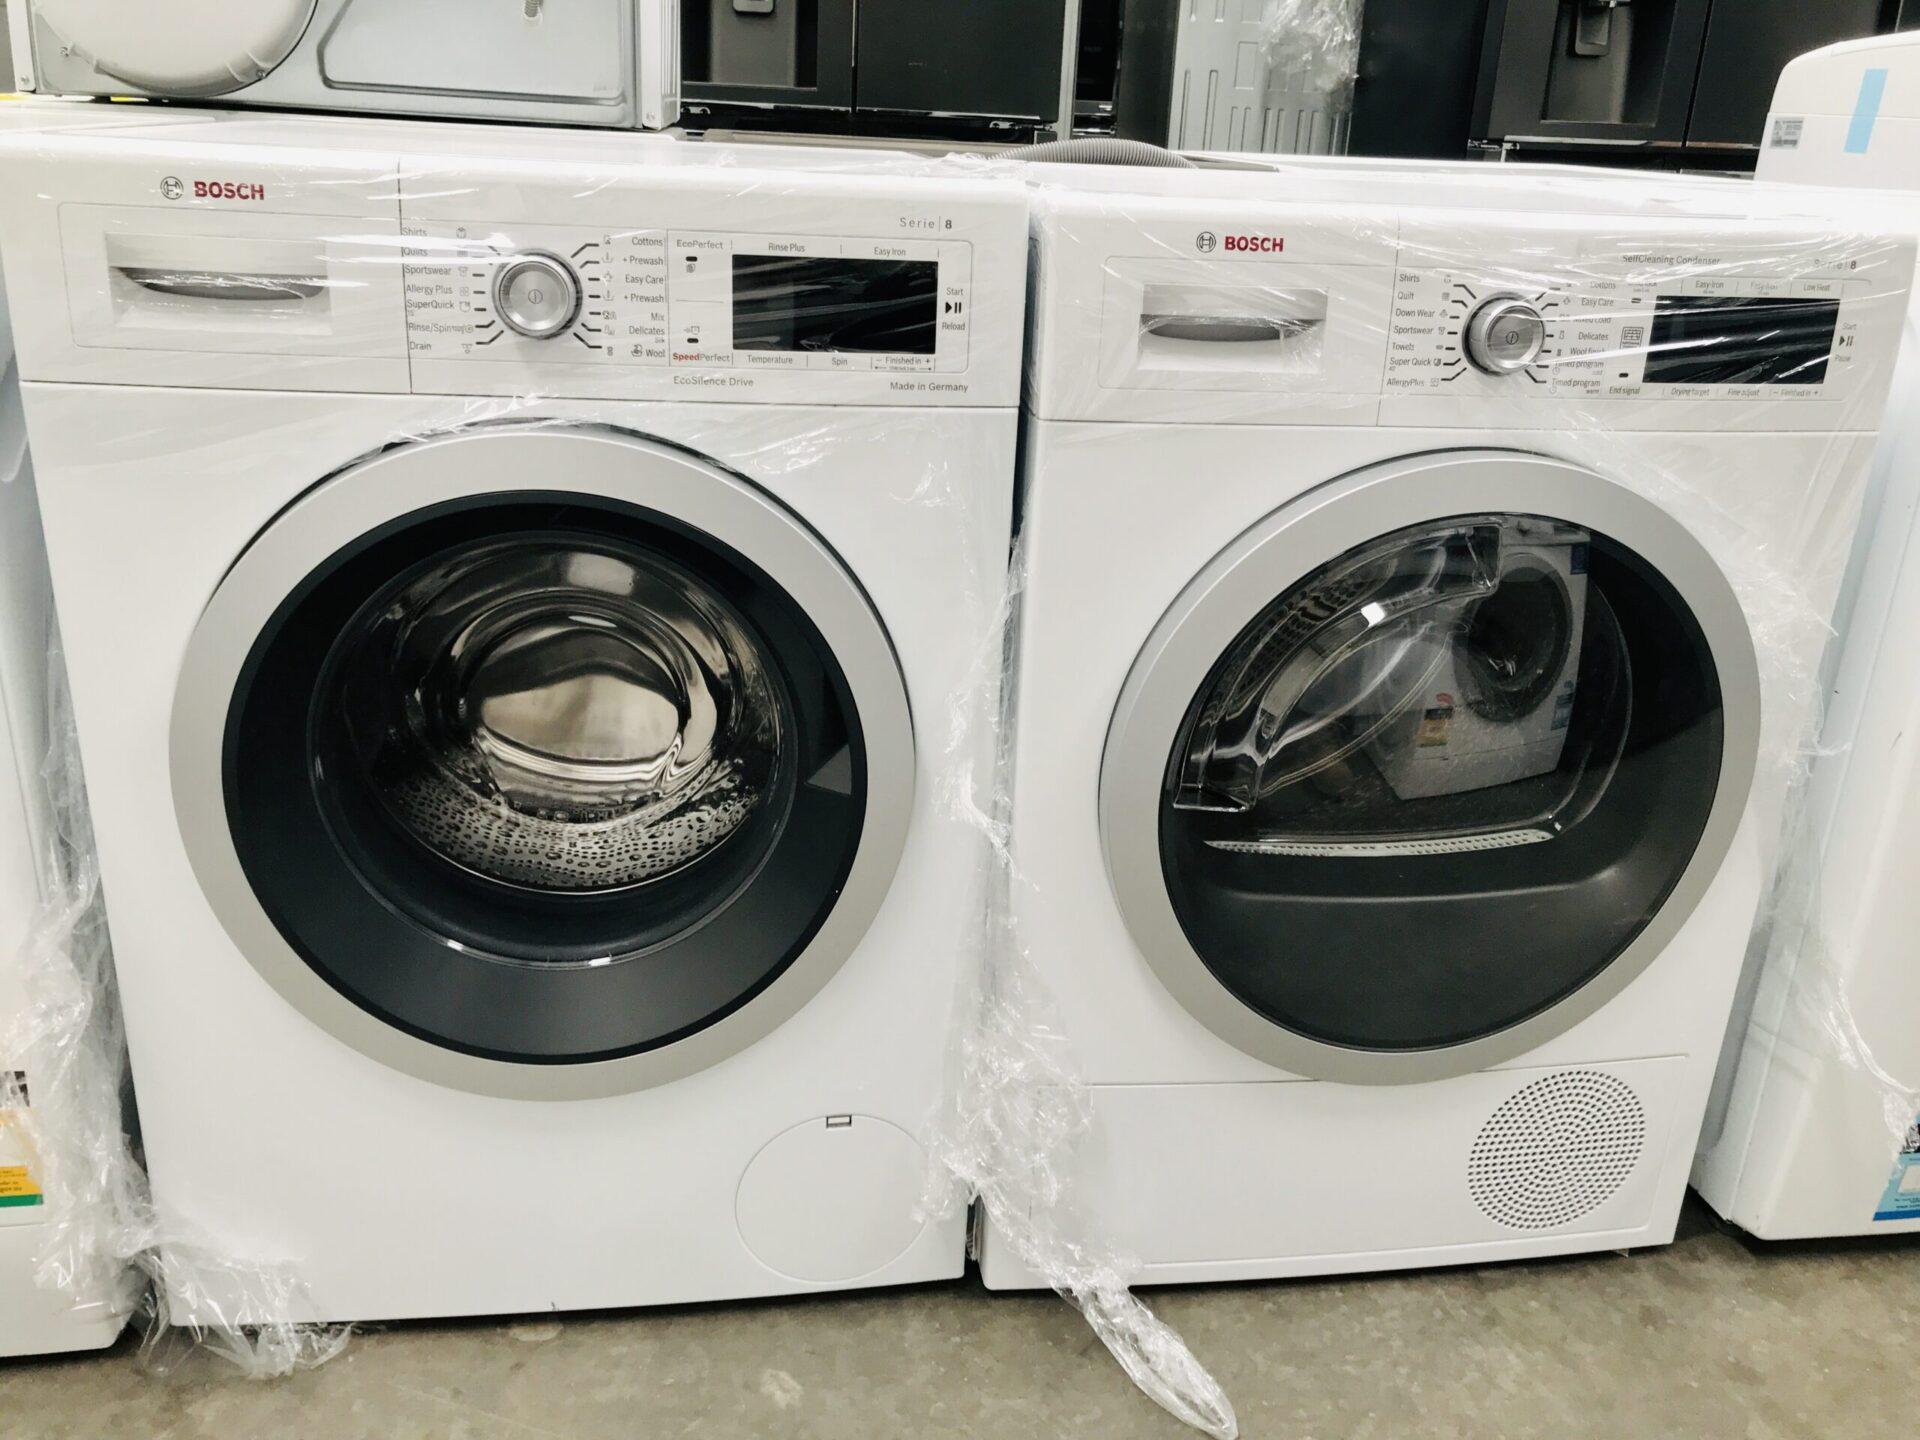 Bosch 8KG  Serie 8  Washing Machine  & Bosch Serie 8 9kg Heat Pump Dryer WAW28460AU  WTW87565AU( German Made)